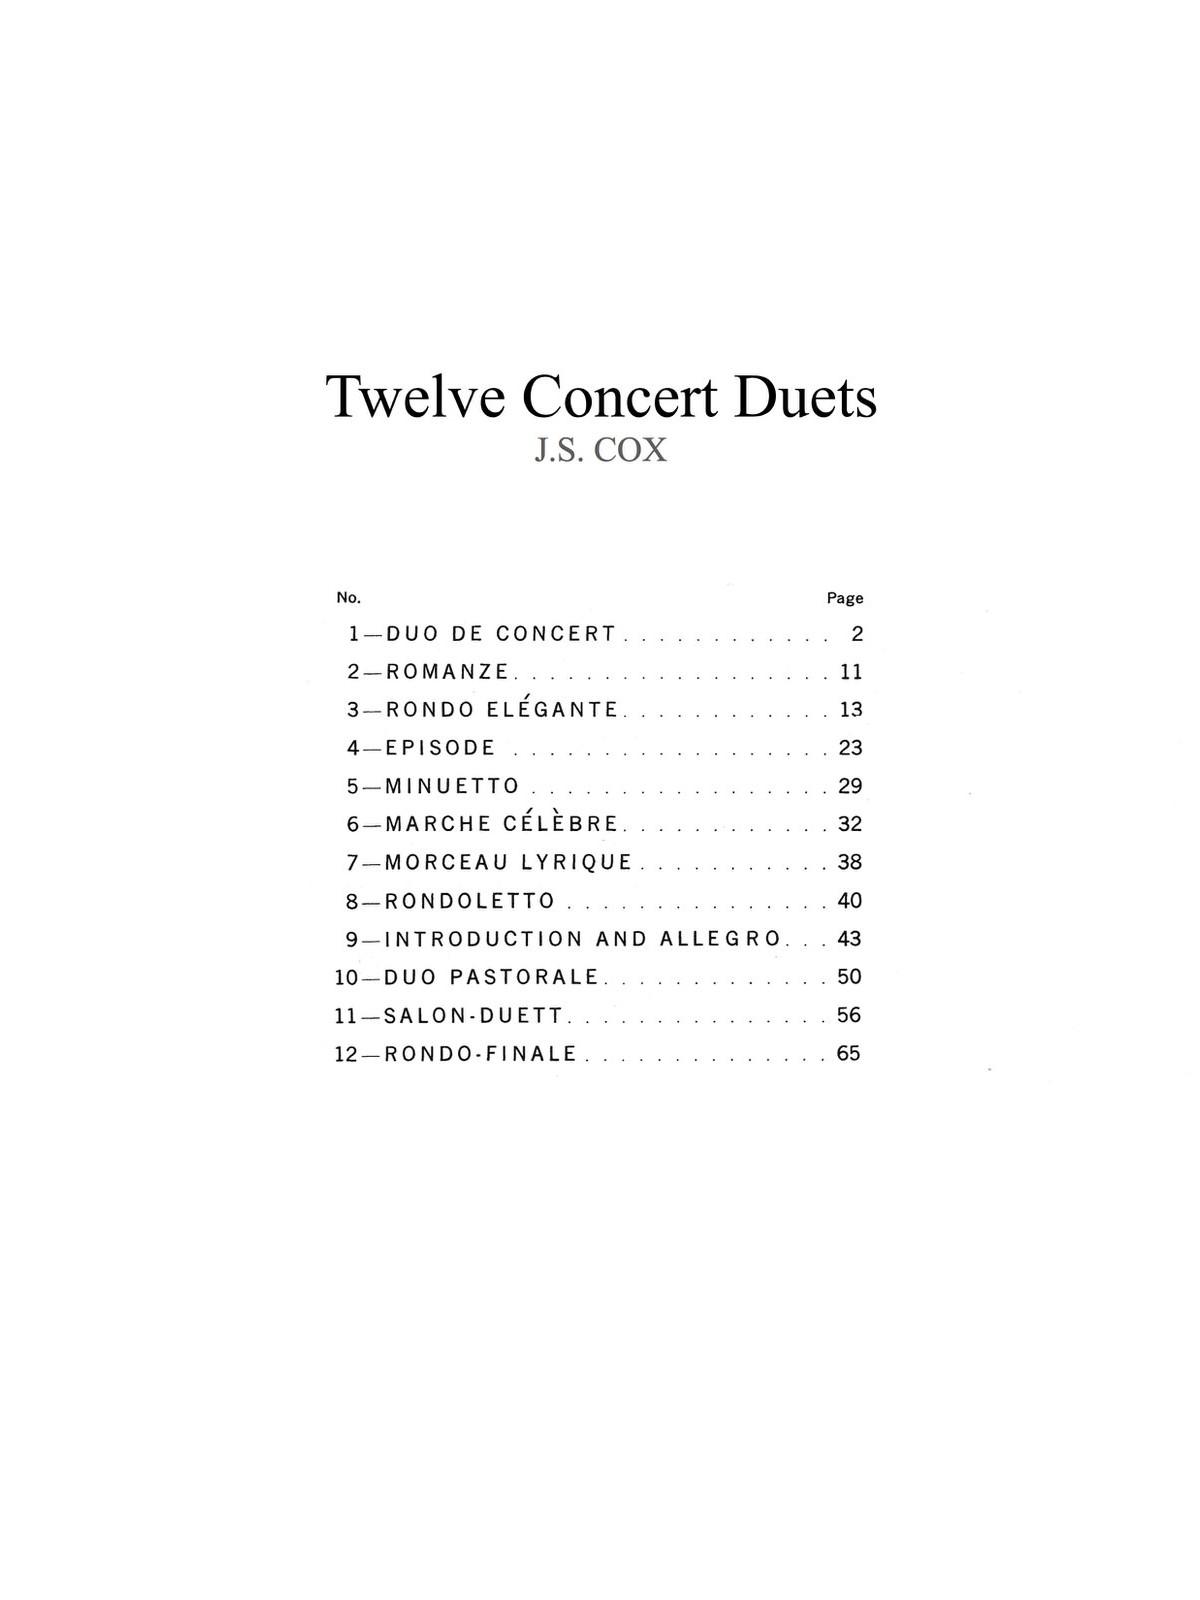 Cox, JS Twelve Concert Duets 2